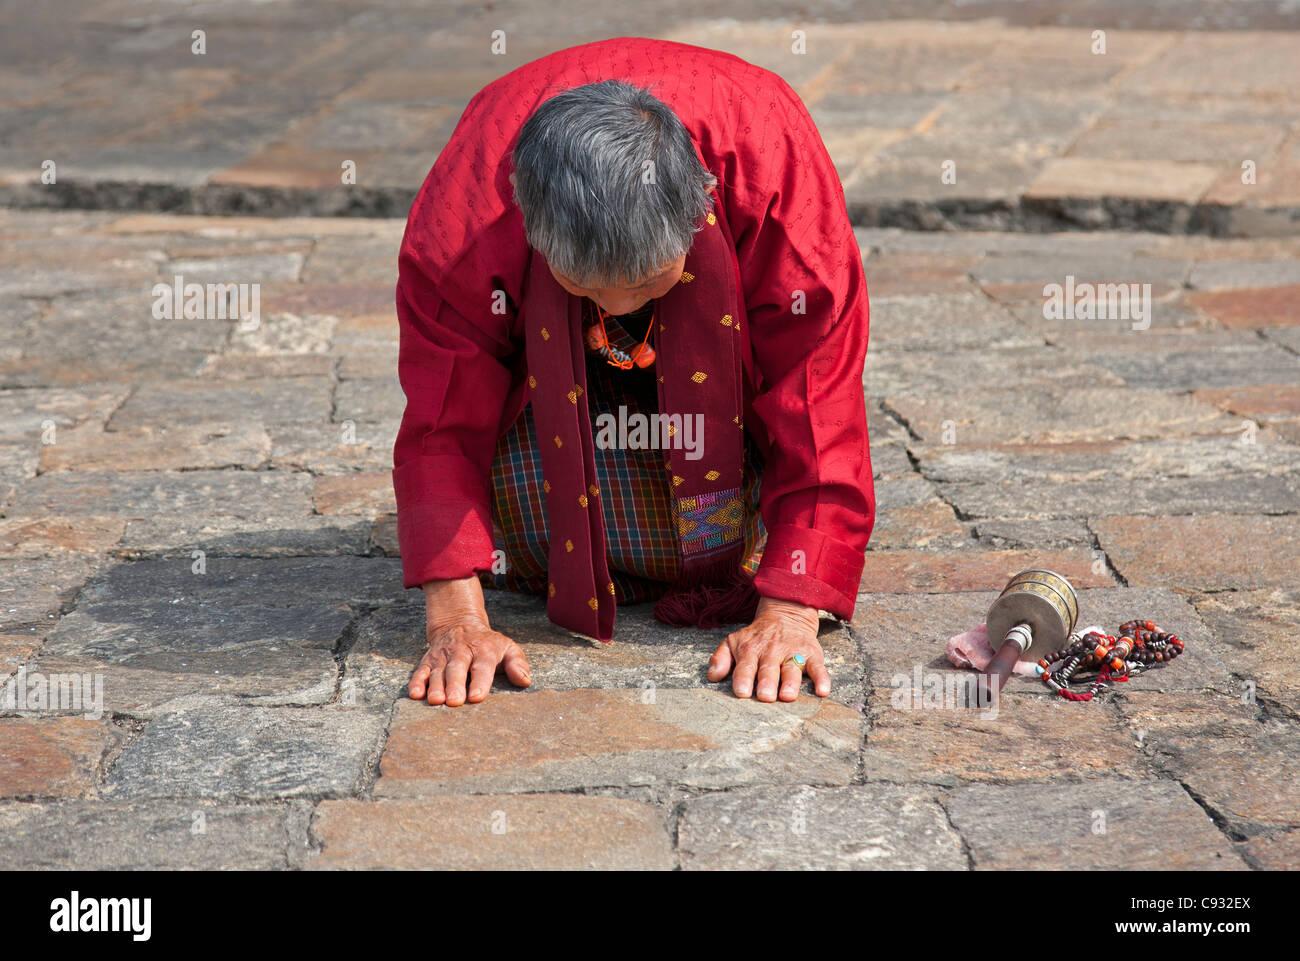 A devout Buddhist woman prays at the 17th century Punakha Dzong, Bhutan. - Stock Image